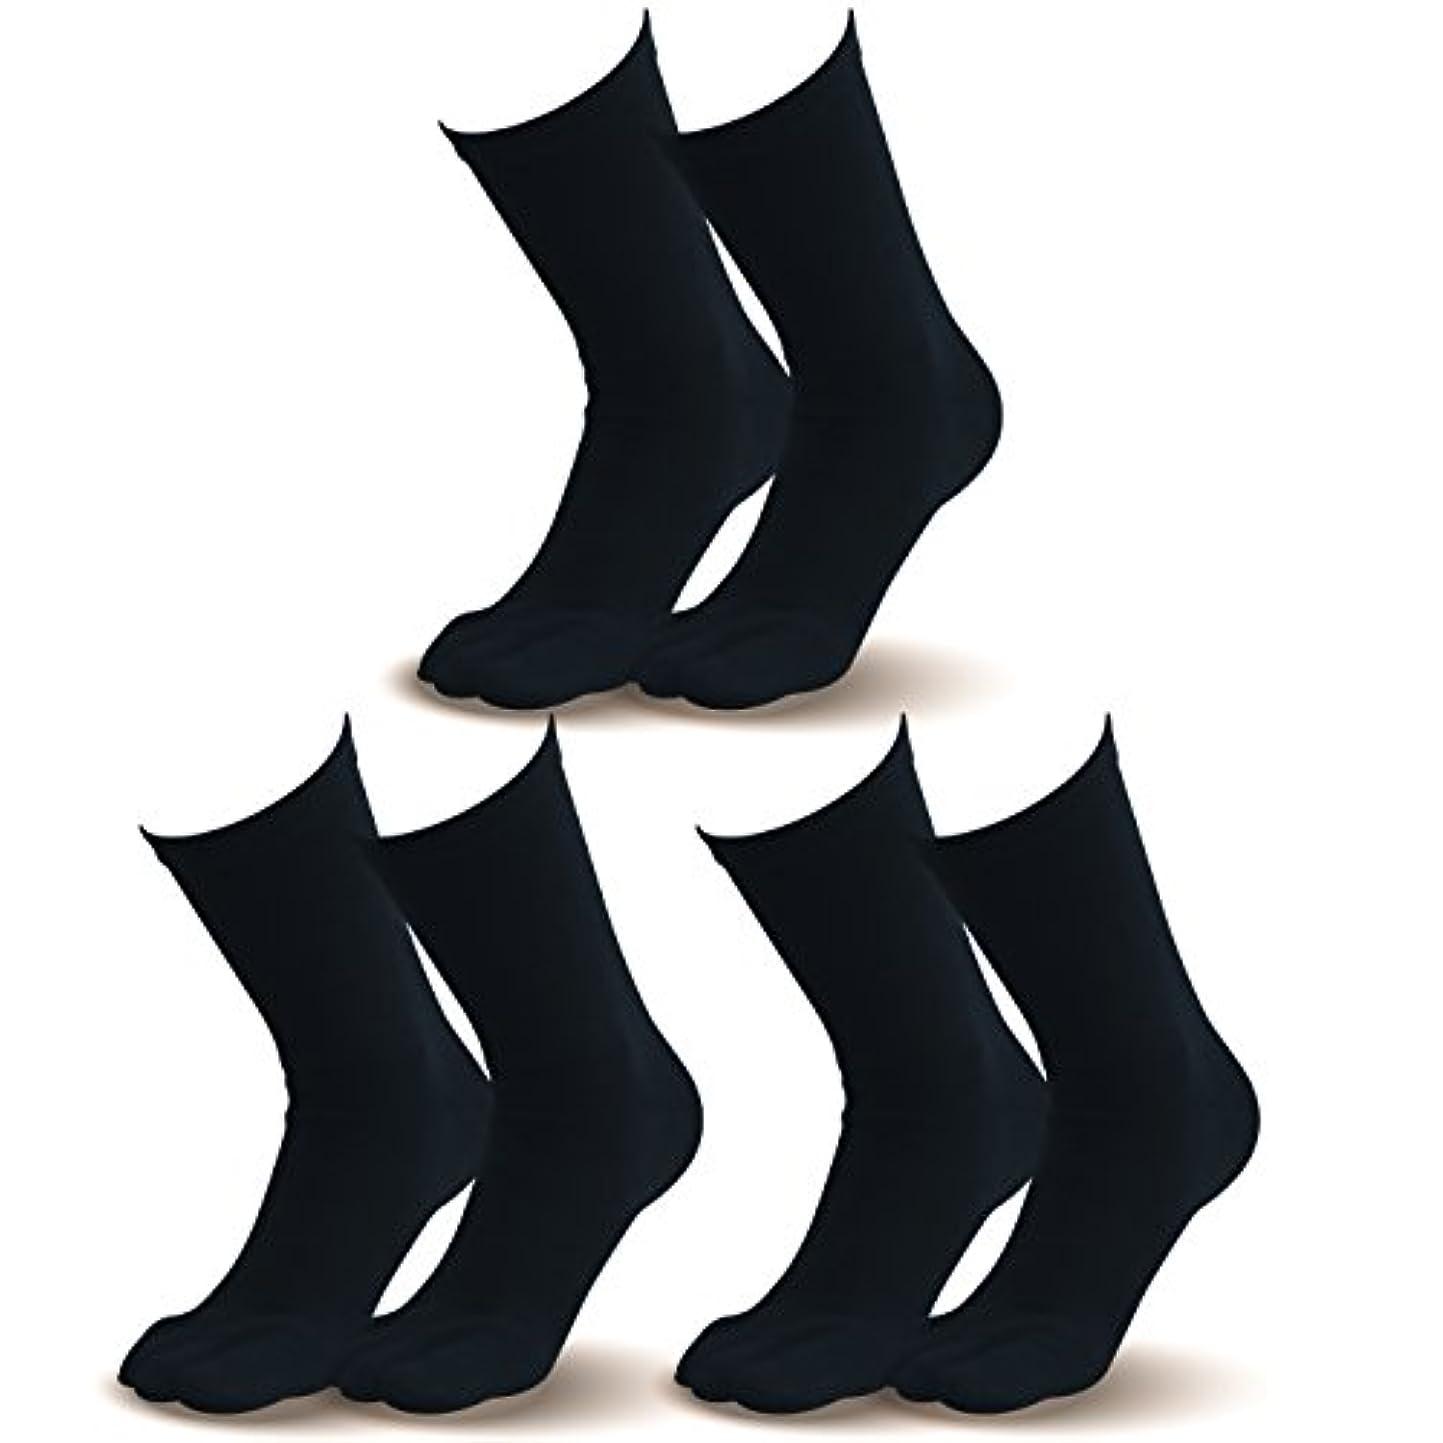 大腿より良い改修【指先まであったか靴下】とってもお得な ブラック3足組  温かい 暖かい 遠赤外線加工 セラミック 伸びる 外反母趾対策 健康 5本指ソックス